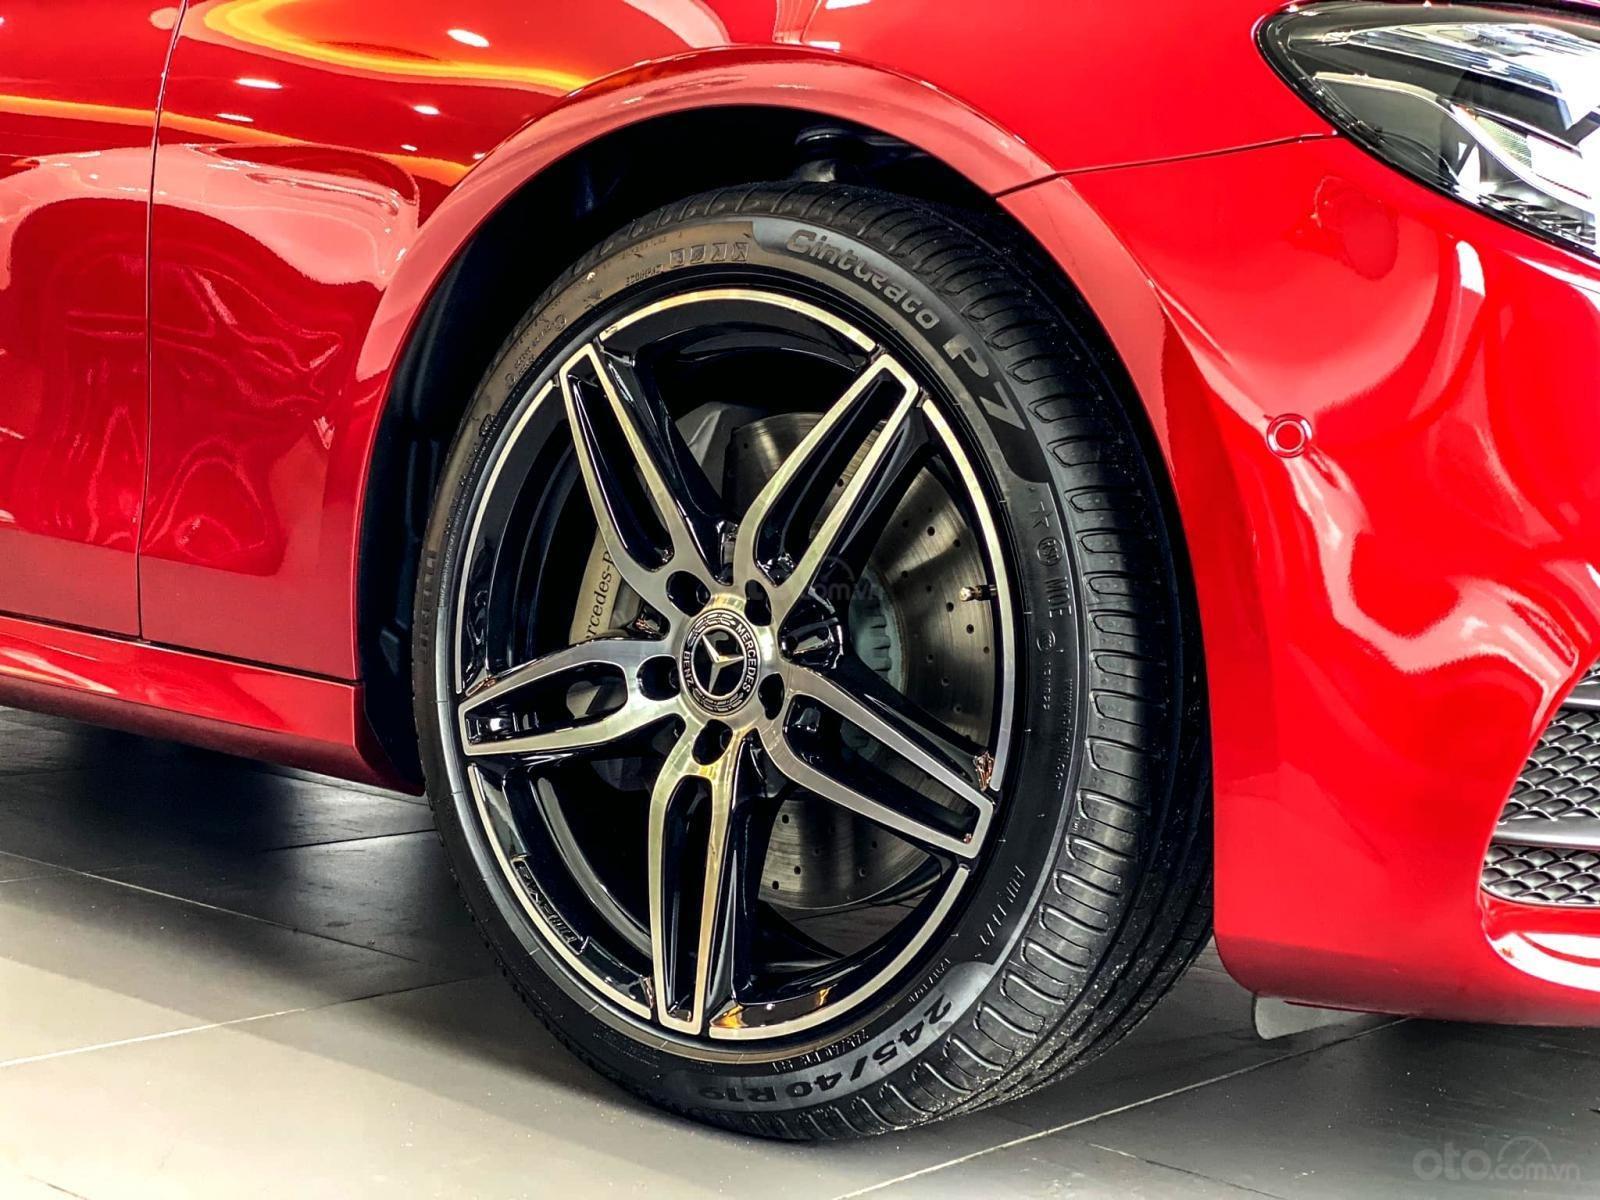 Mercedes-Benz E300 AMG sang trọng - đẳng cấp, giảm giá tiền mặt 150.000.000, có sẵn giao ngay (5)